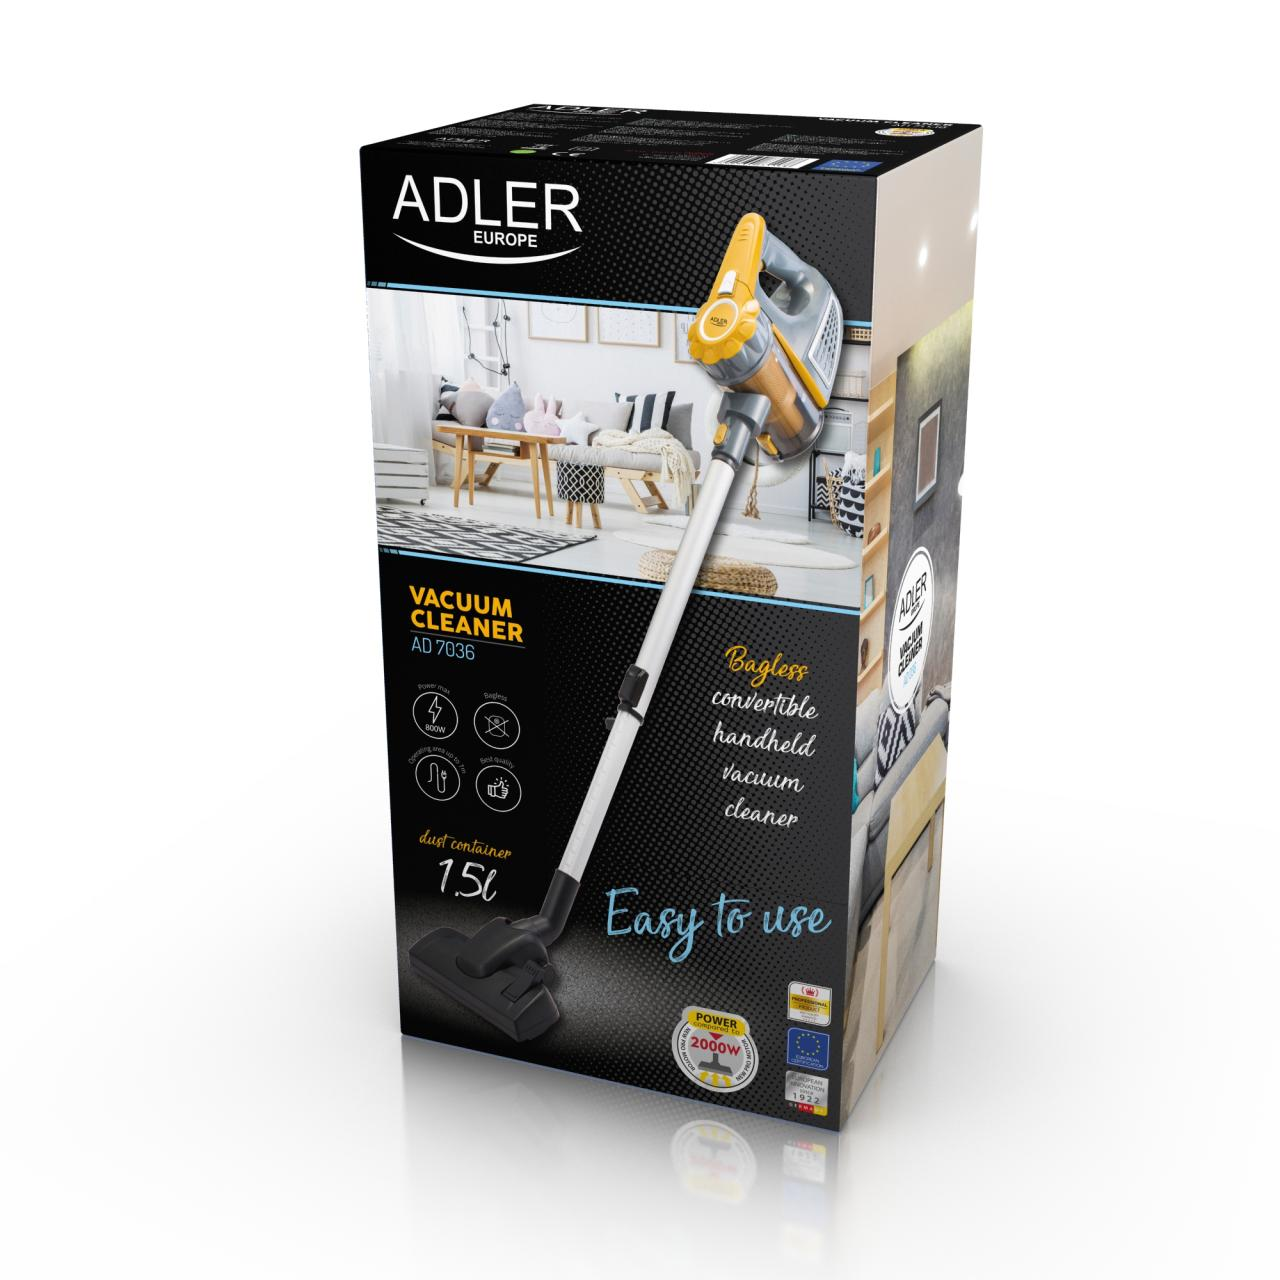 Aspirator de mana vertical Adler AD 7036, fara sac, Putere 800W, Filtru Lavabil, Cablu 7m, Alb/Auriu